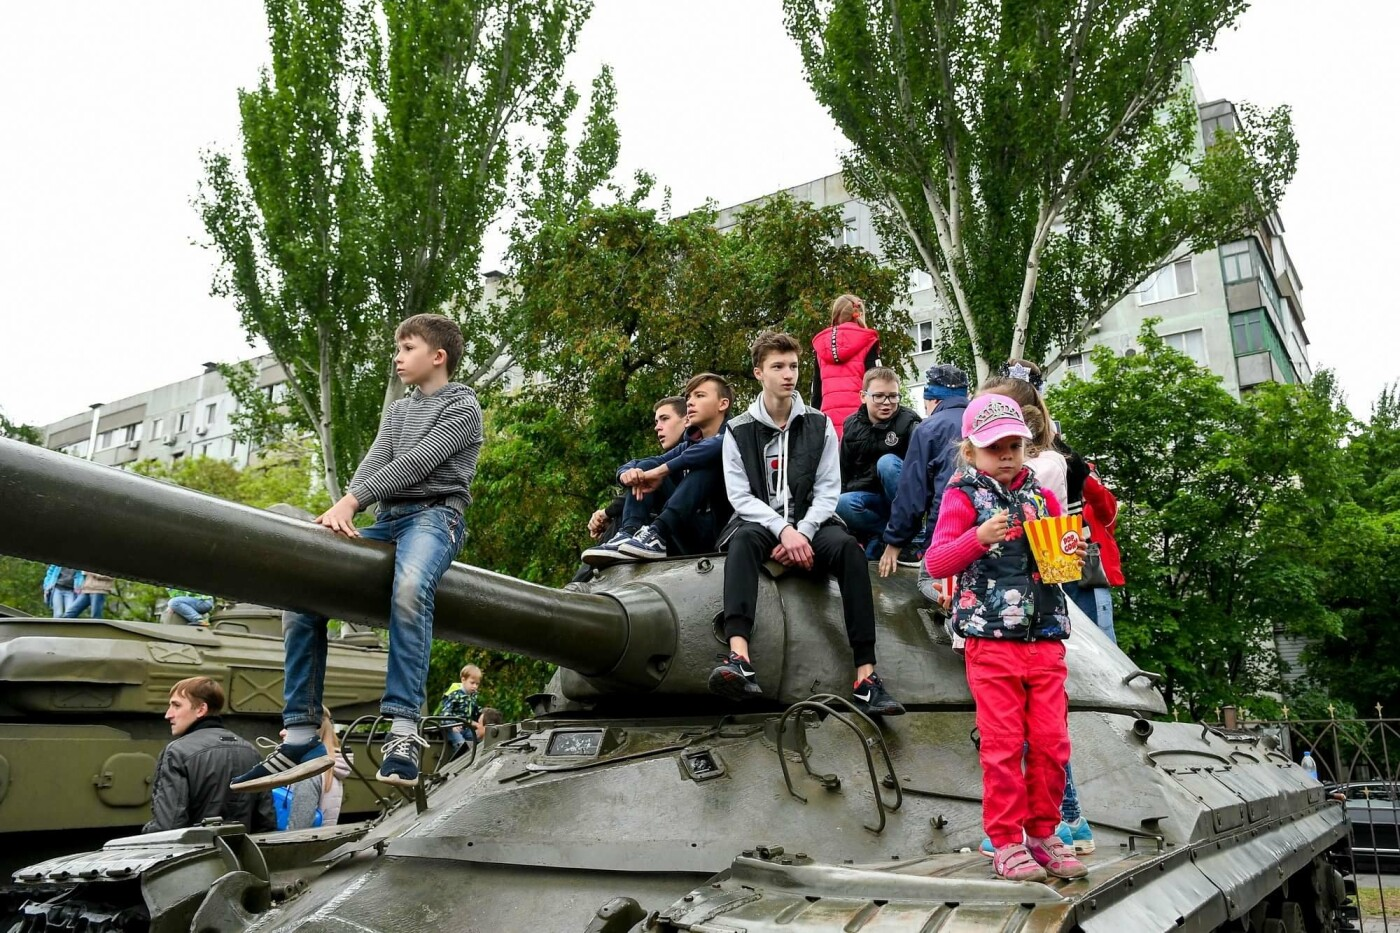 """Богуслаев на """"Победе"""", полевая кухня и концерт: в Запорожье в парке Климова проходят гуляния, - ФОТОРЕПОРТАЖ, фото-26"""